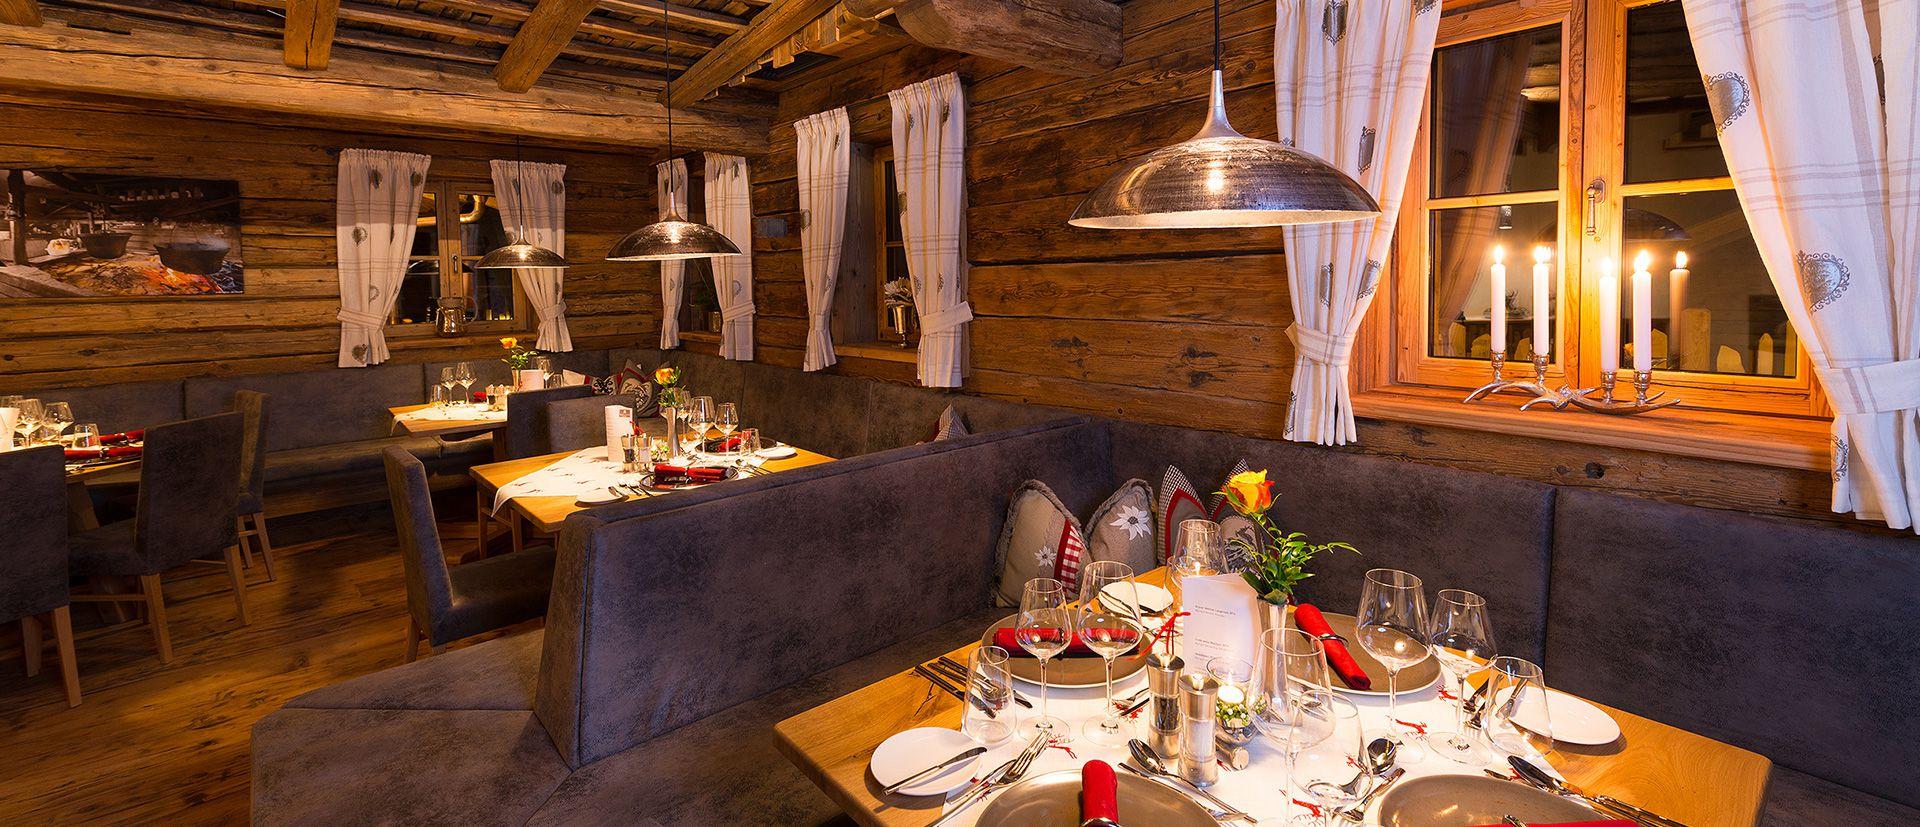 Kulinarische Genussmomente warten auf Sie in unserem Restaurant im Chaletdorf